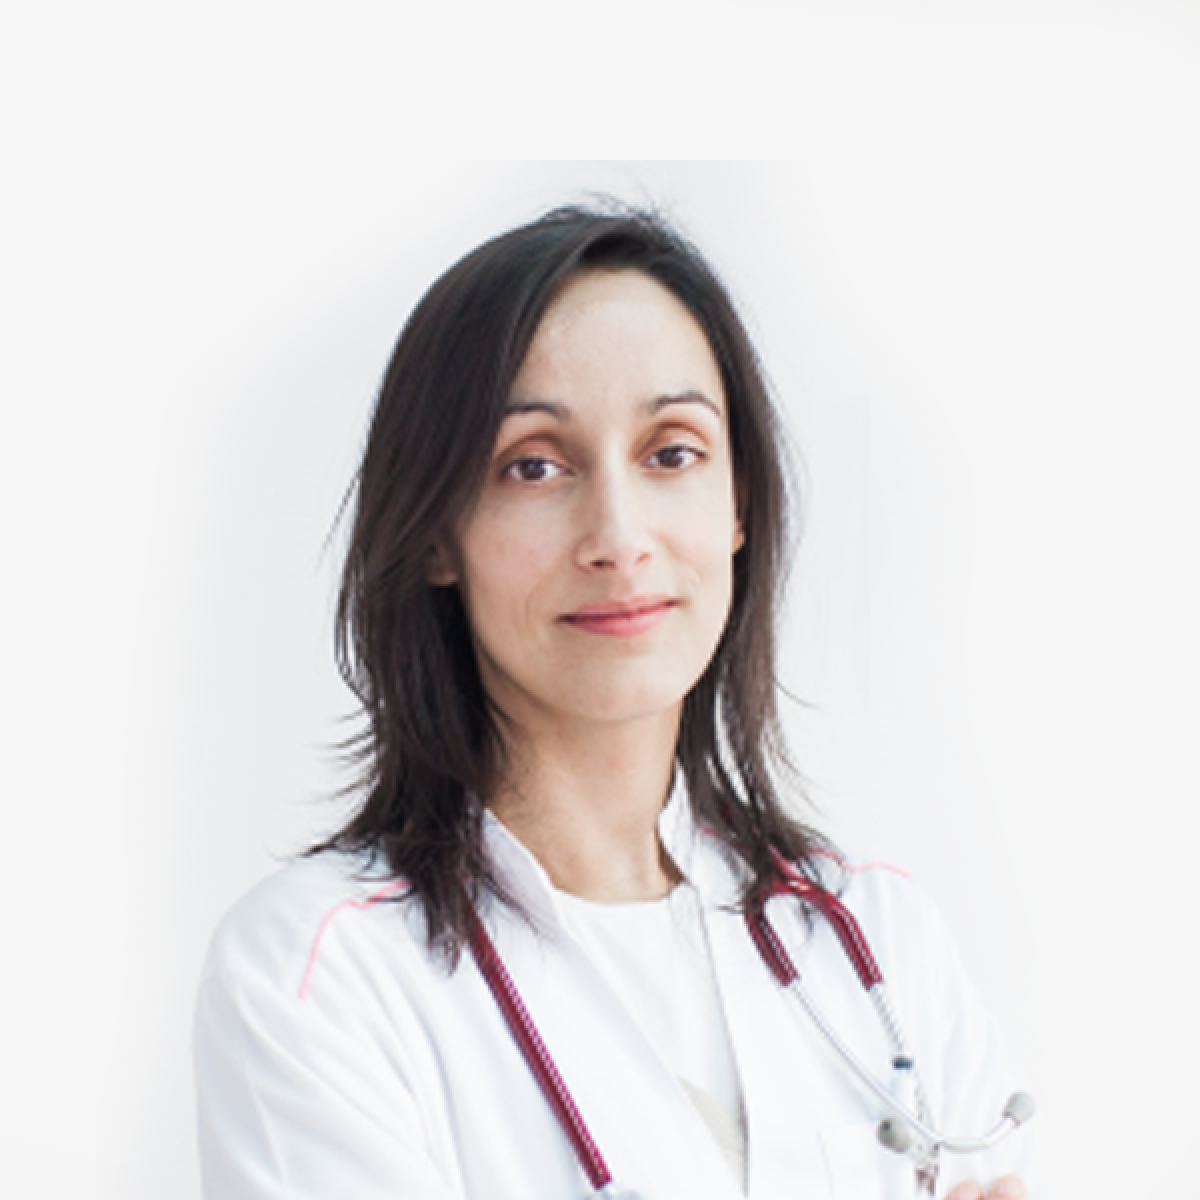 Dra. Rita Miranda